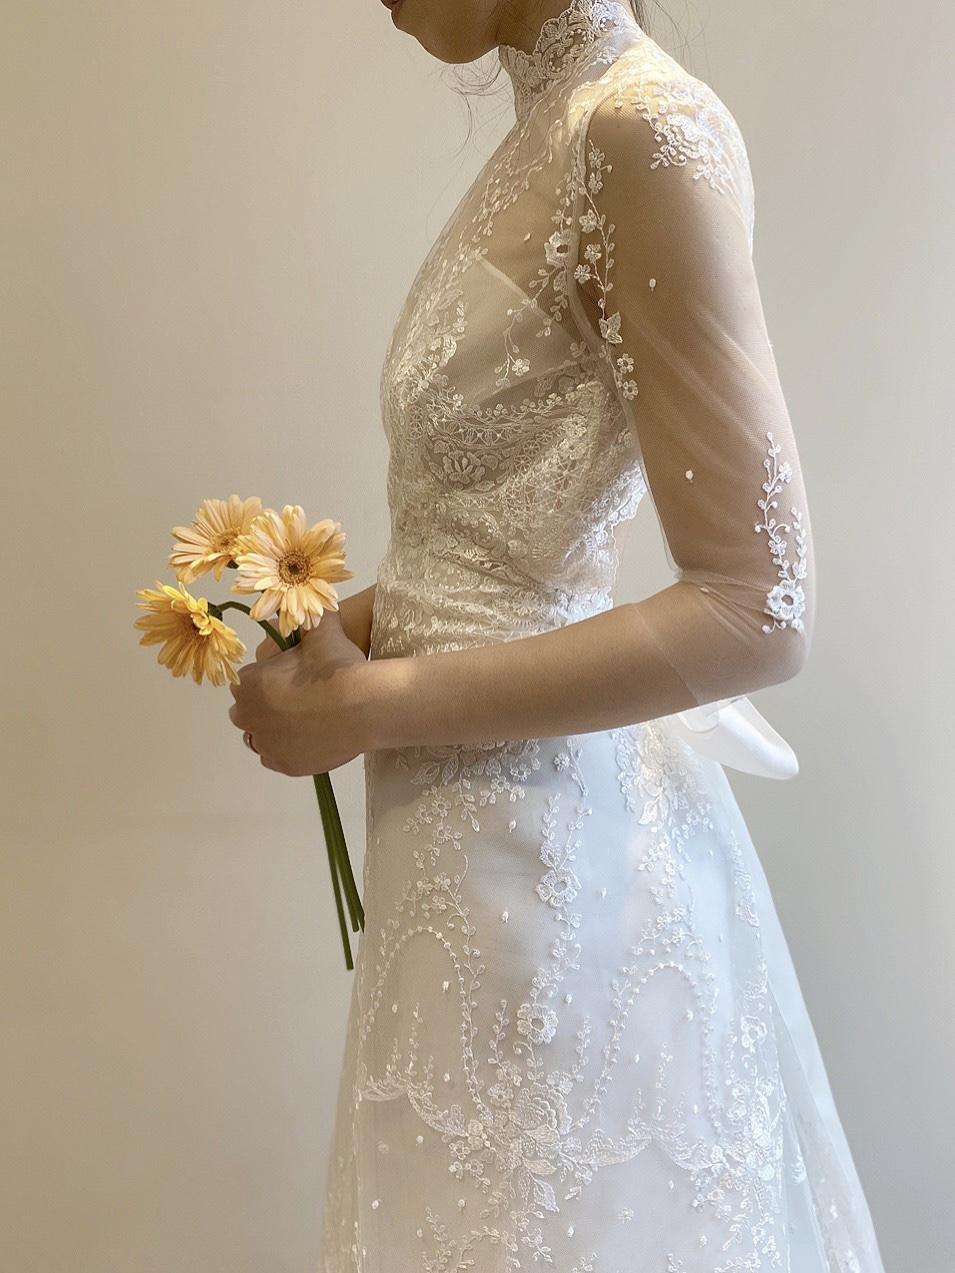 人と違ったドレスを希望の花嫁様にぴったりの繊細なレースと刺繍が美しいおしゃれなウエディングドレス